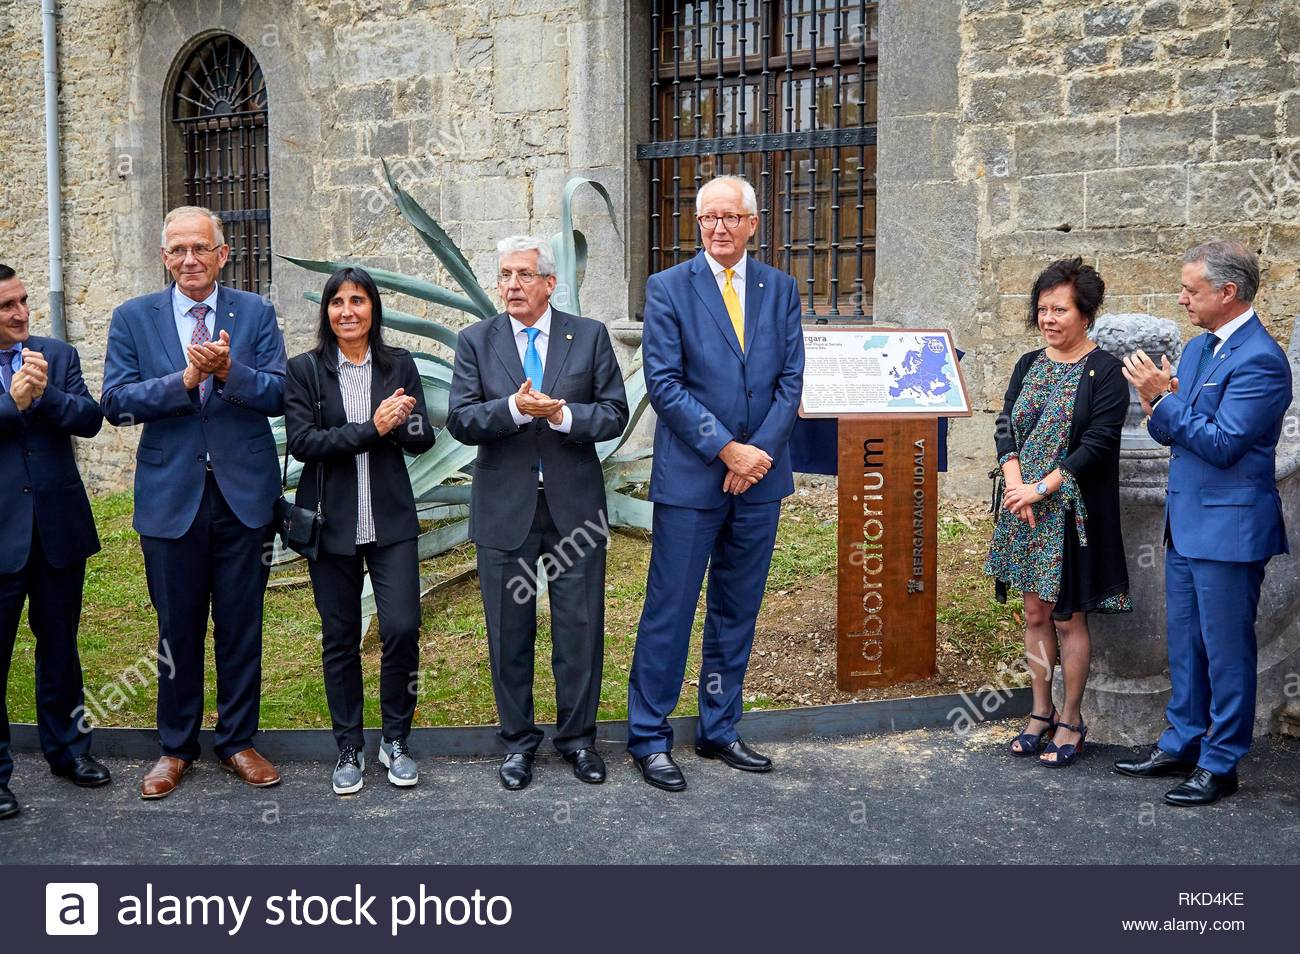 Iñigo Urkullu, Lehendakari Basque Premier, Elena Lete, Mayor of Bergara, Pedro Miguel Echenique, President DIPC, Rudiger Voss, President European - Stock Image